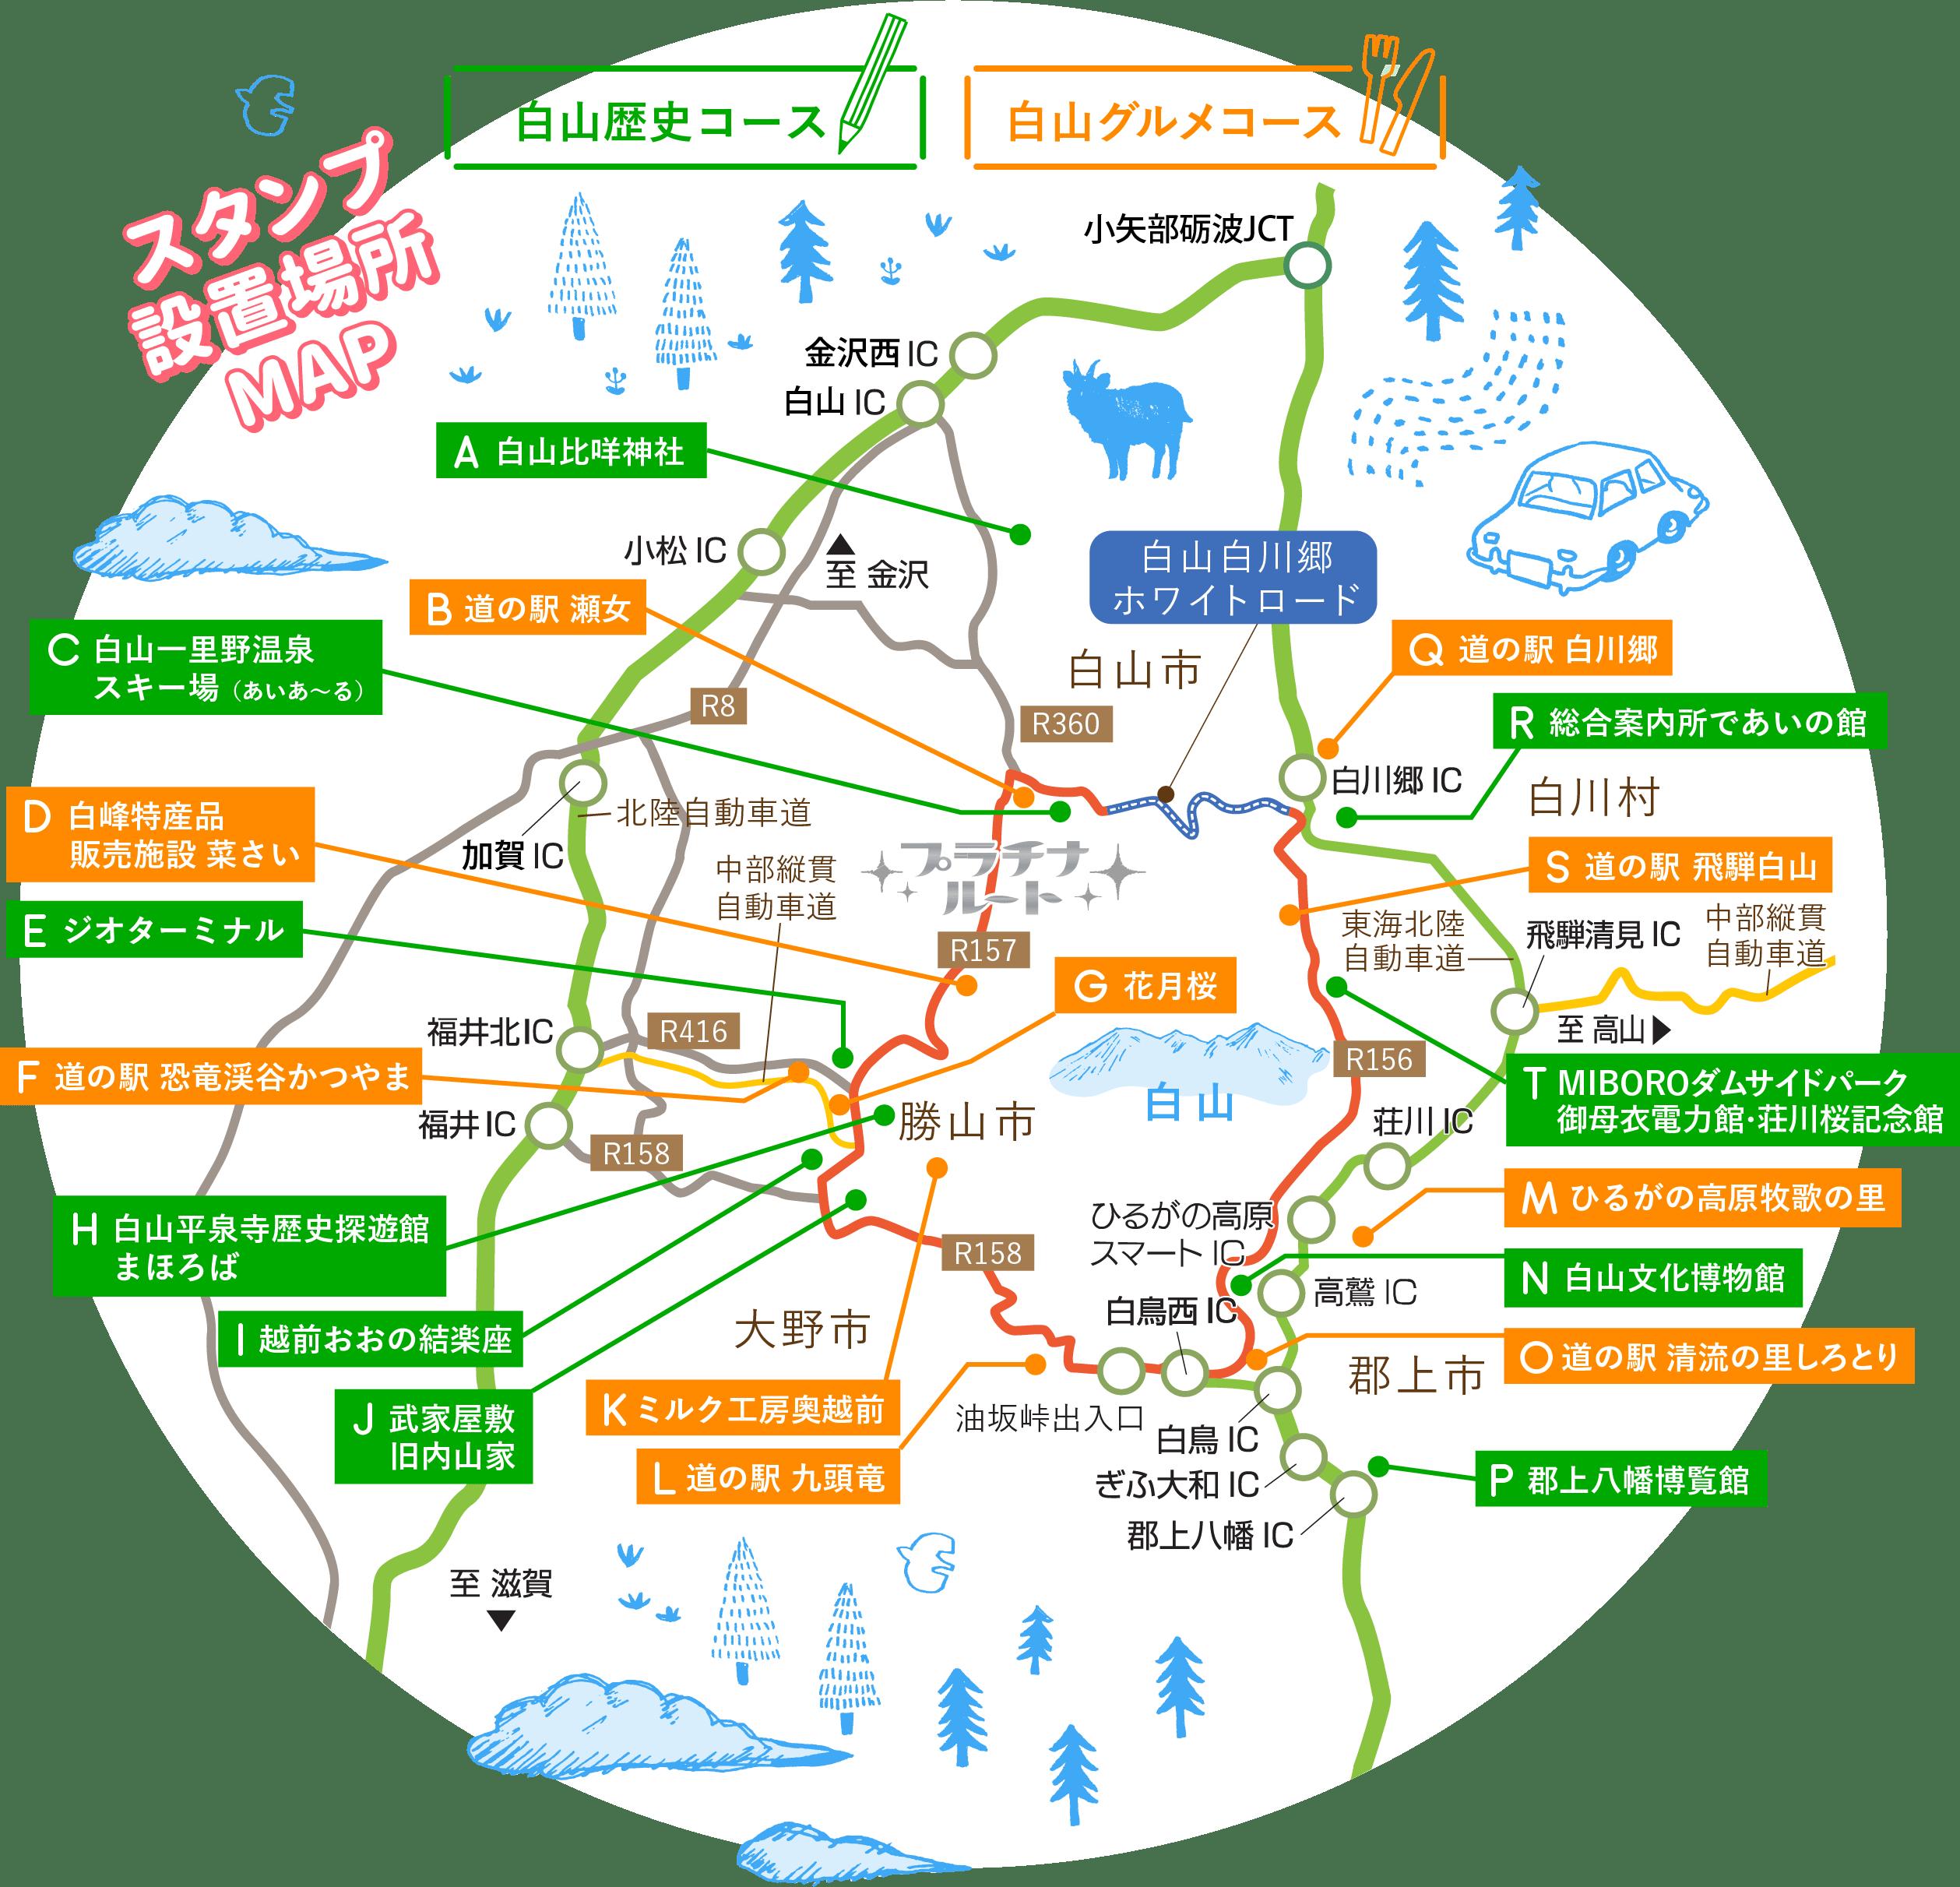 スタンプ設置場所MAP